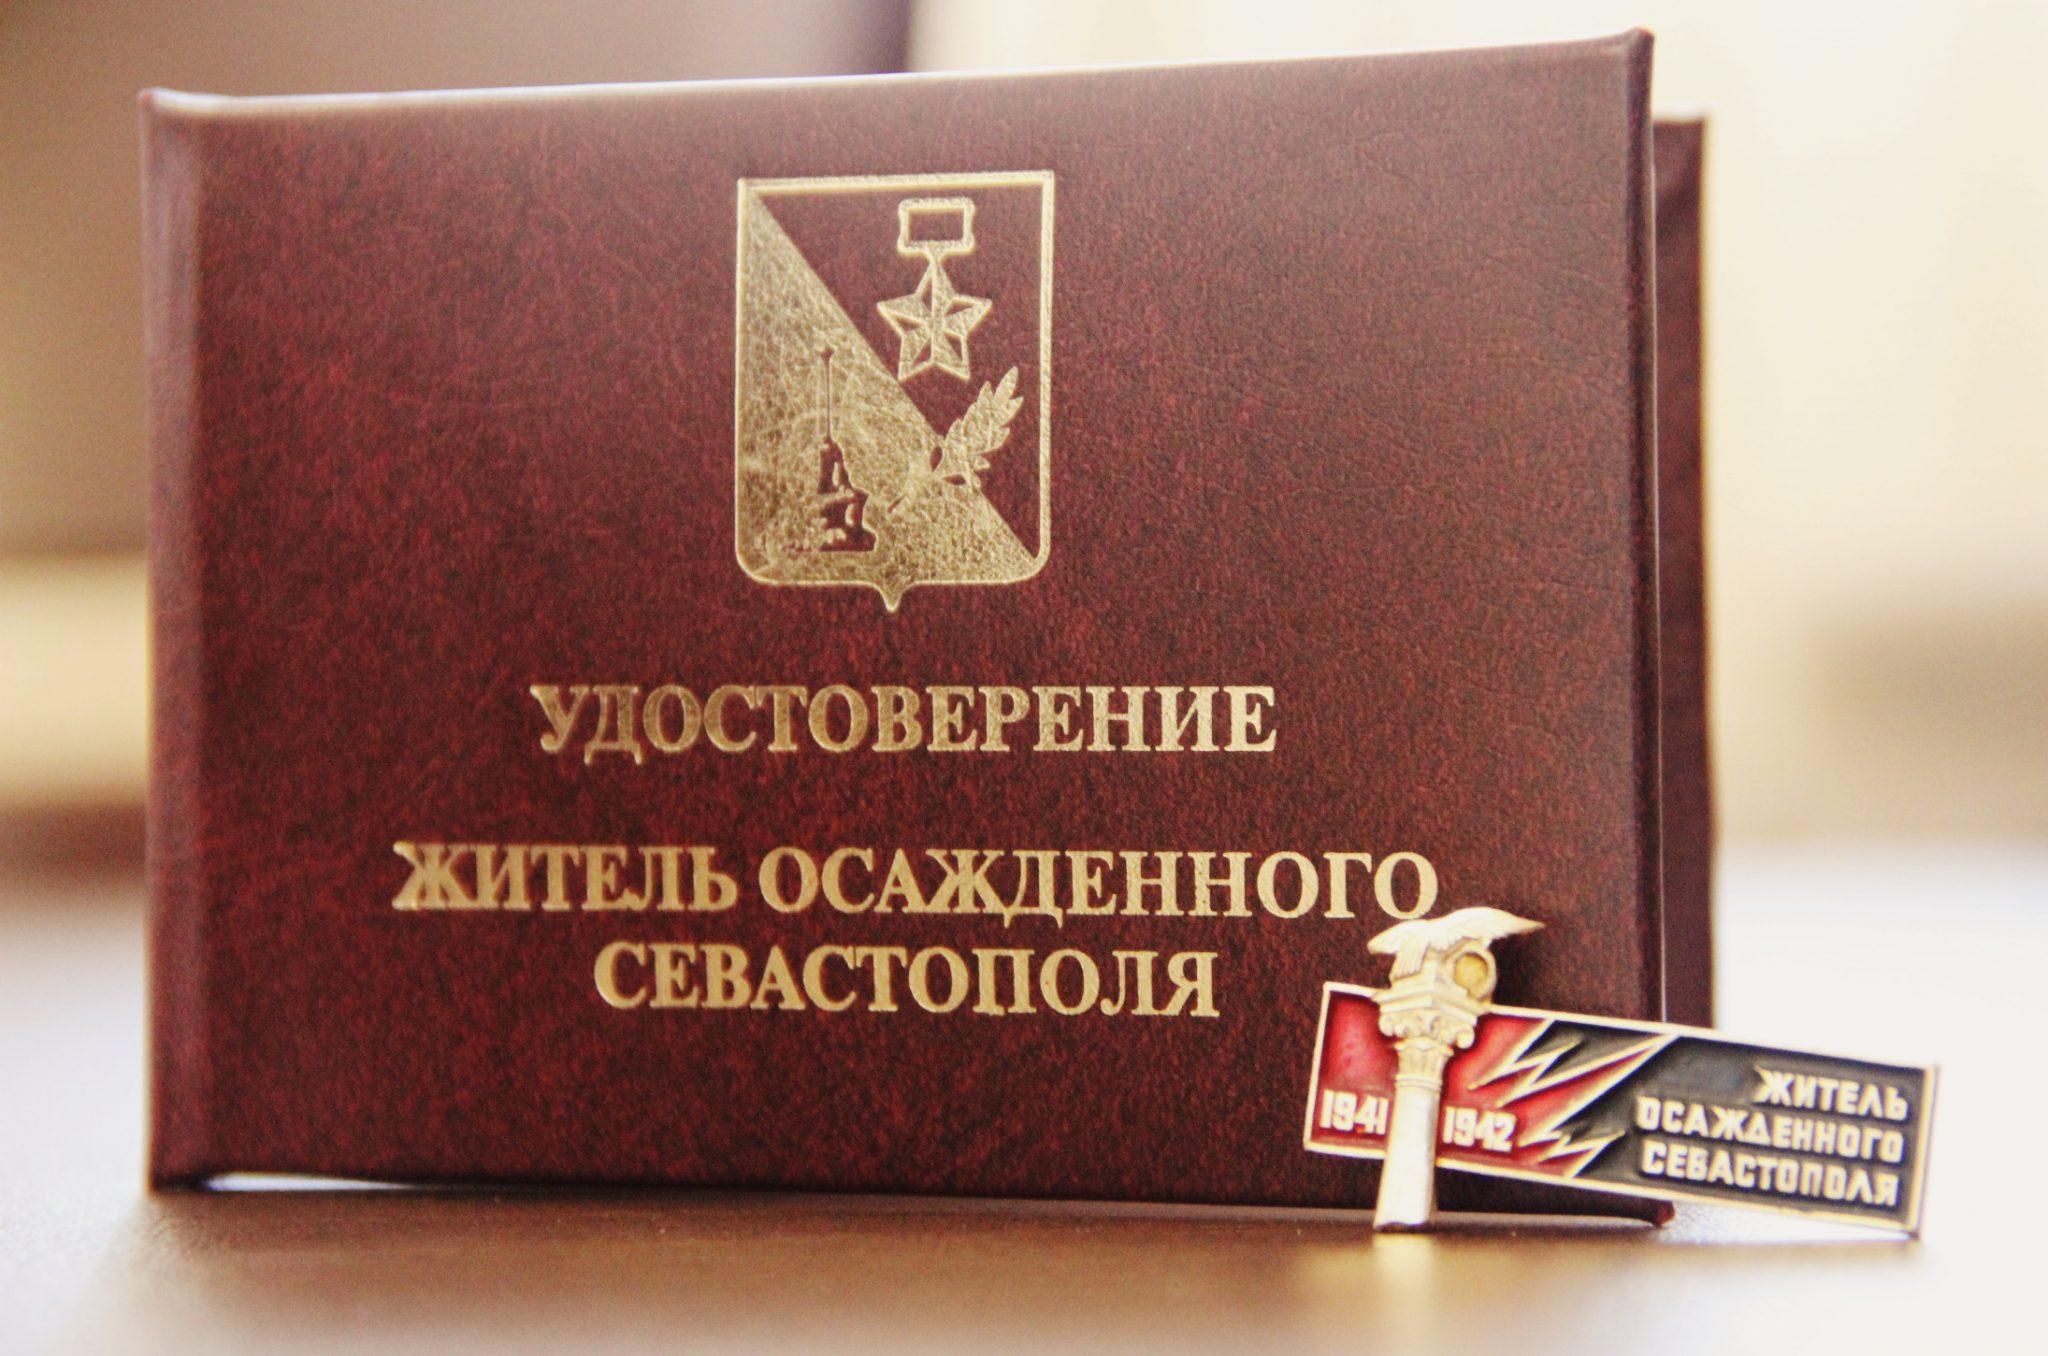 Ветеранам Севастополя выплатят по 75 тысяч рублей, где бы они не проживали